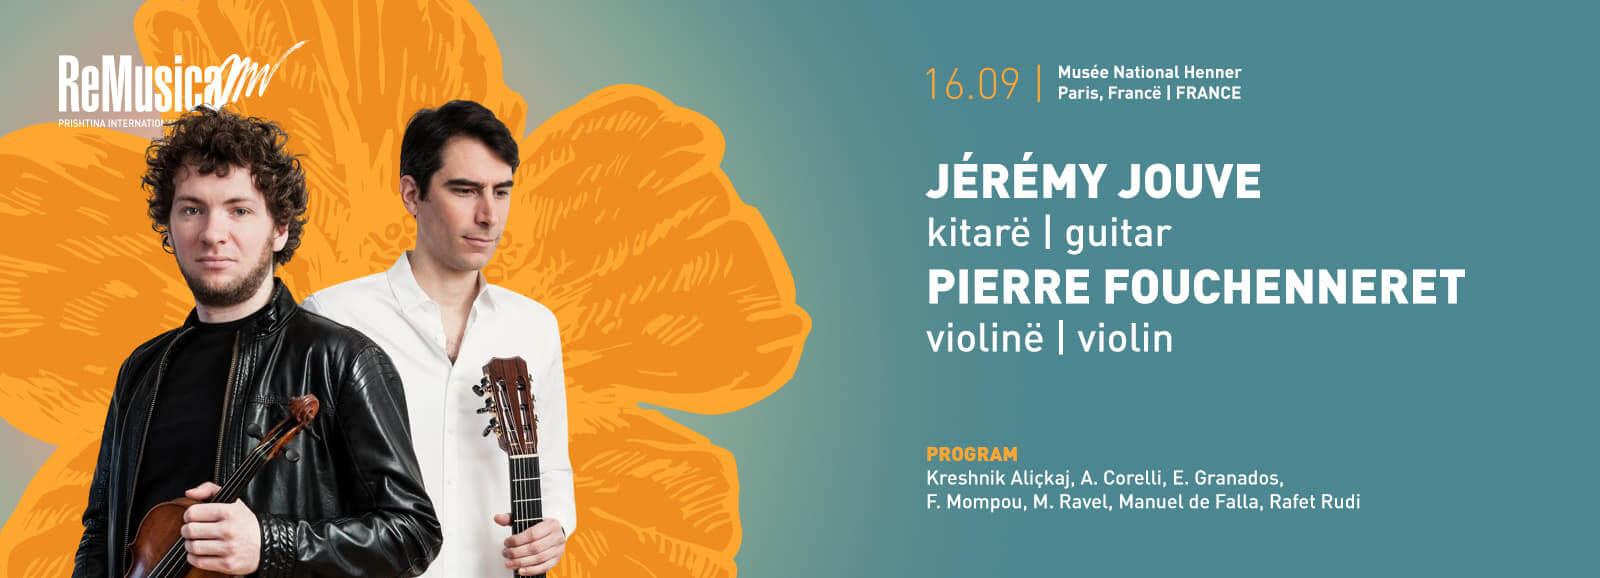 Jeremy Jouve dhe Pierre Fouchernneret